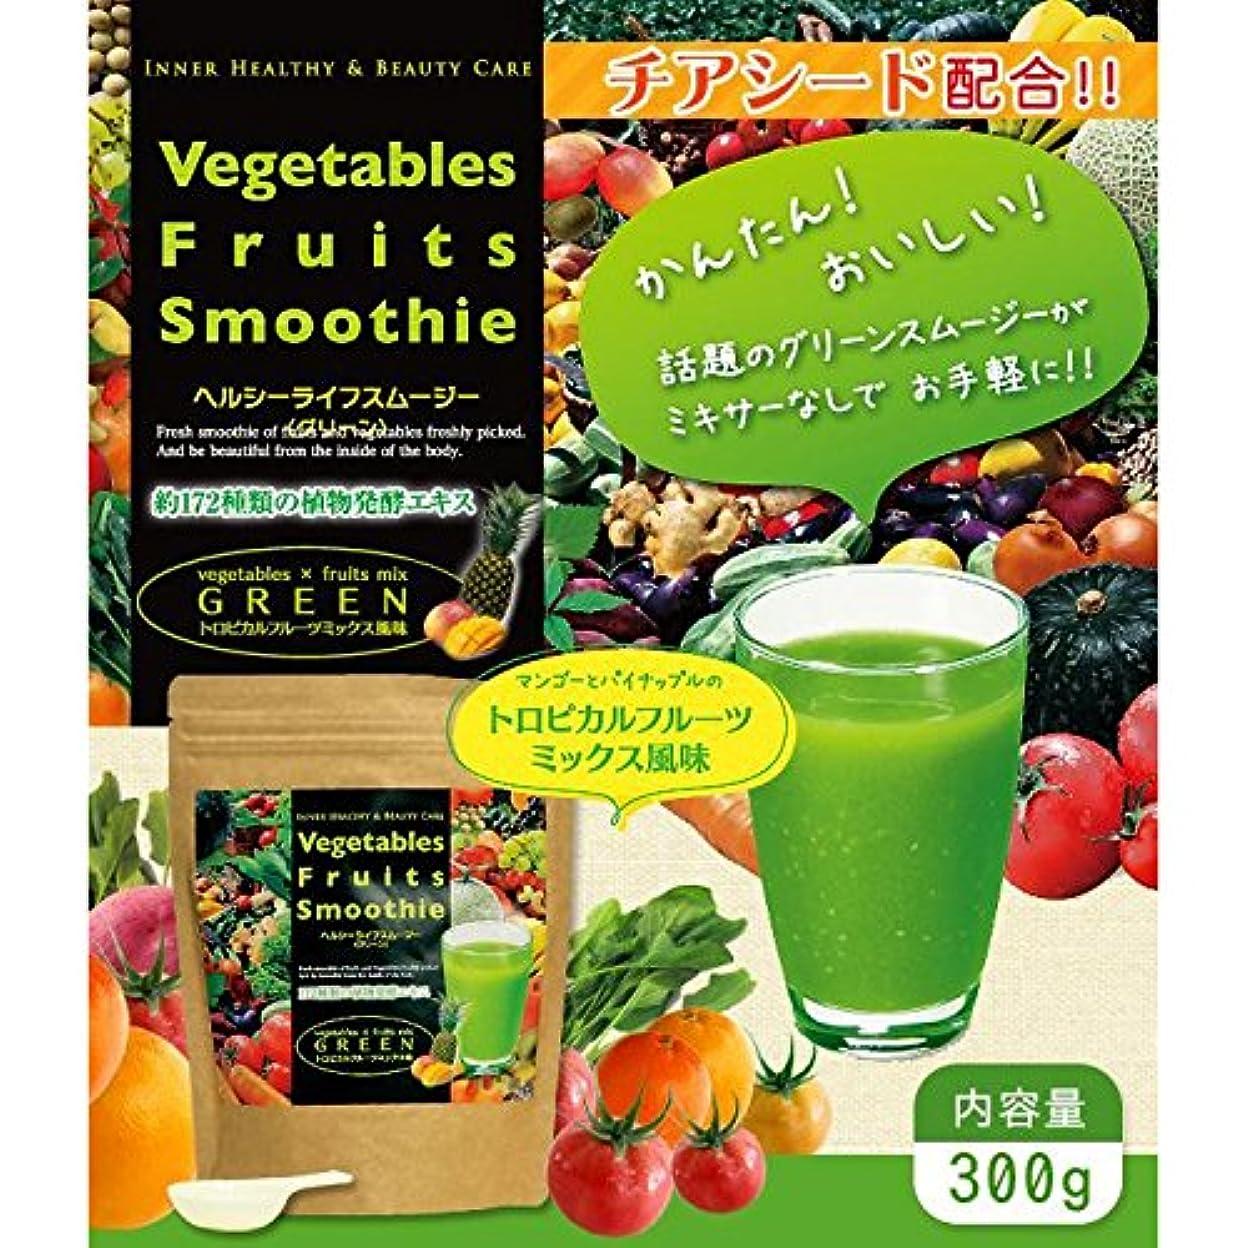 深遠フローウガンダVegetables Fruits Smoothie ヘルシーライフスムージー(グリーン)トロピカルフルーツミックス味 300g 日本製